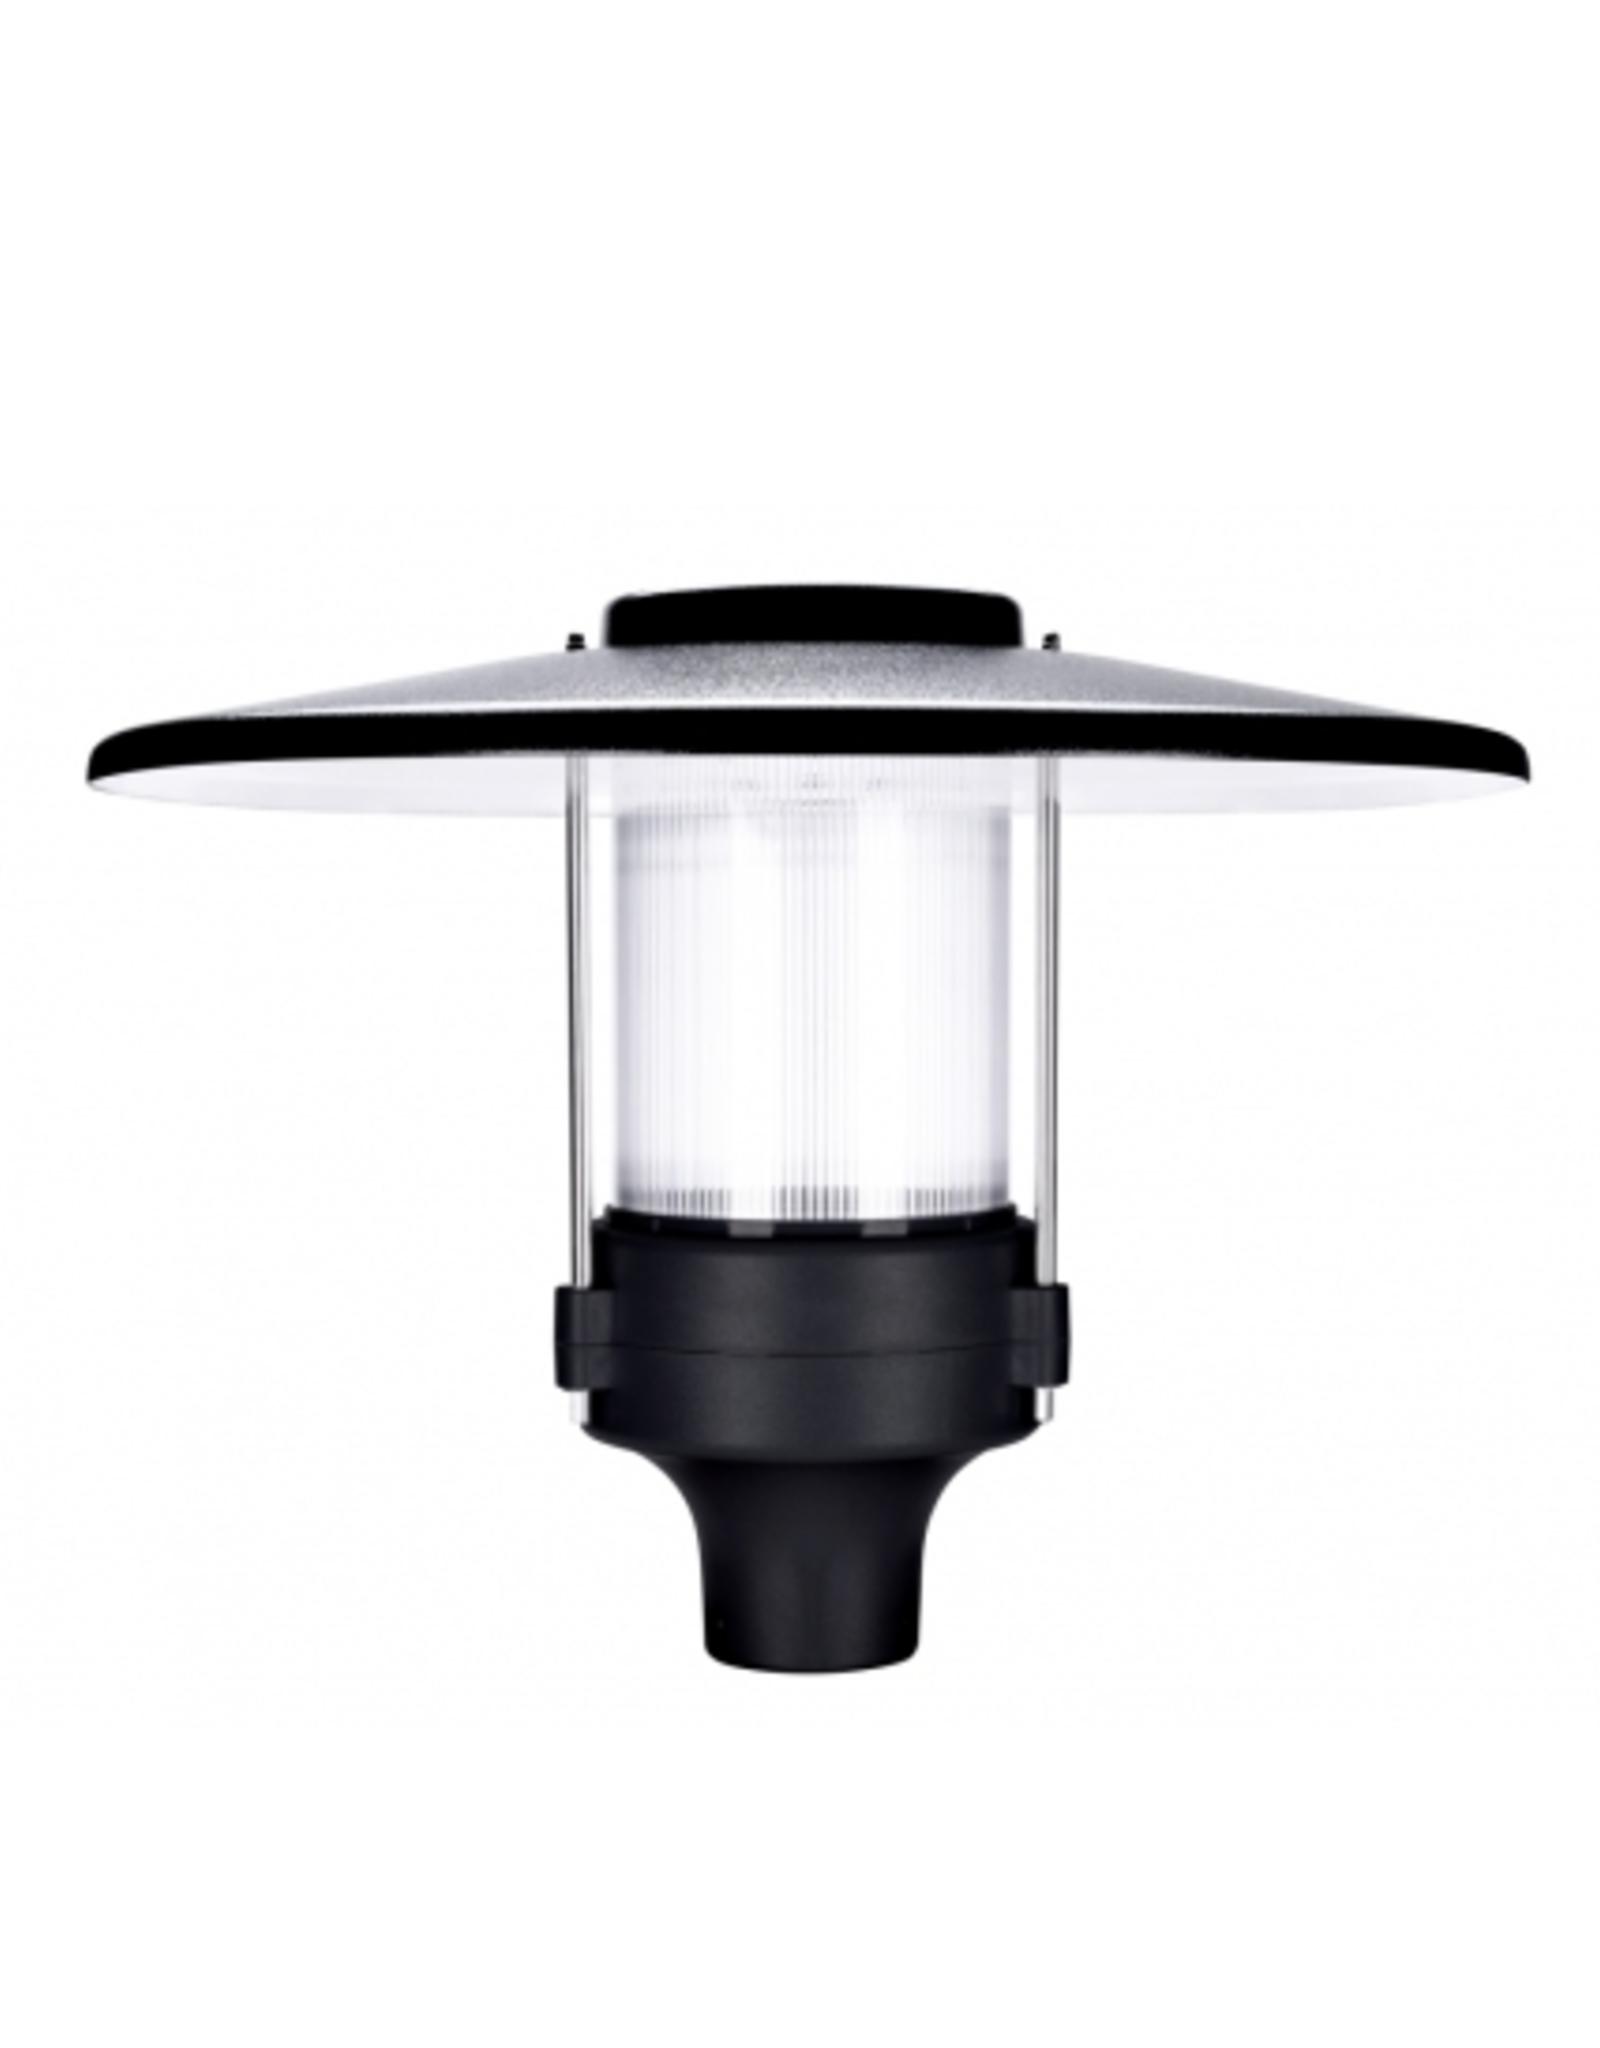 Promled lantaarn lamp 30W zwart/grijs 4000k IP67